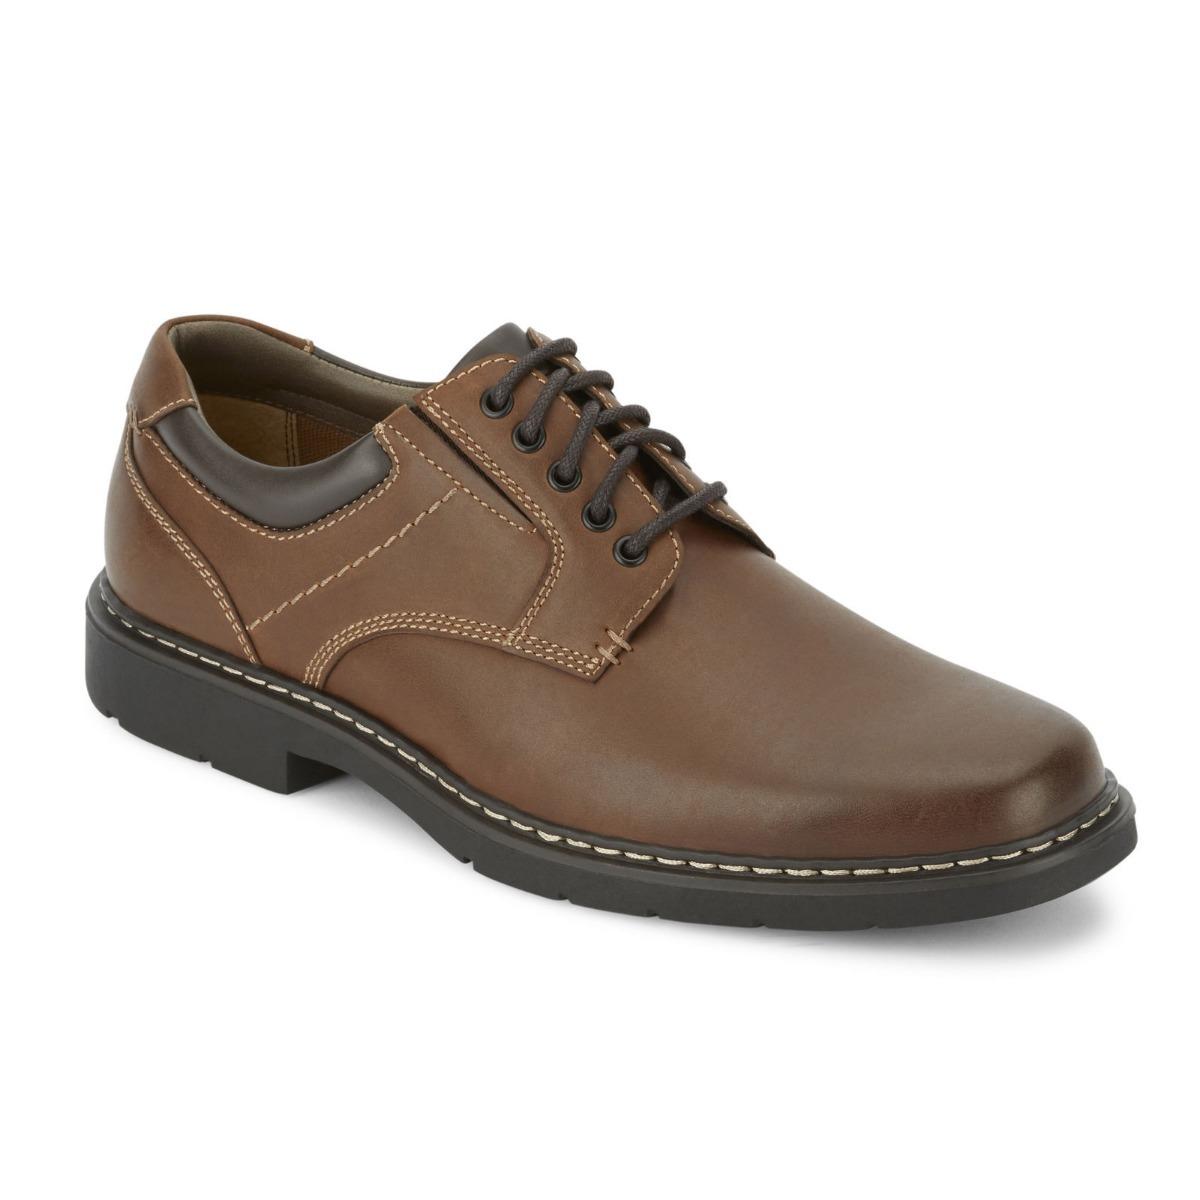 Casuales En Lowry Modelo Mercado Dockers Zapatos 299 Hombre 2 00 Bp5aWS